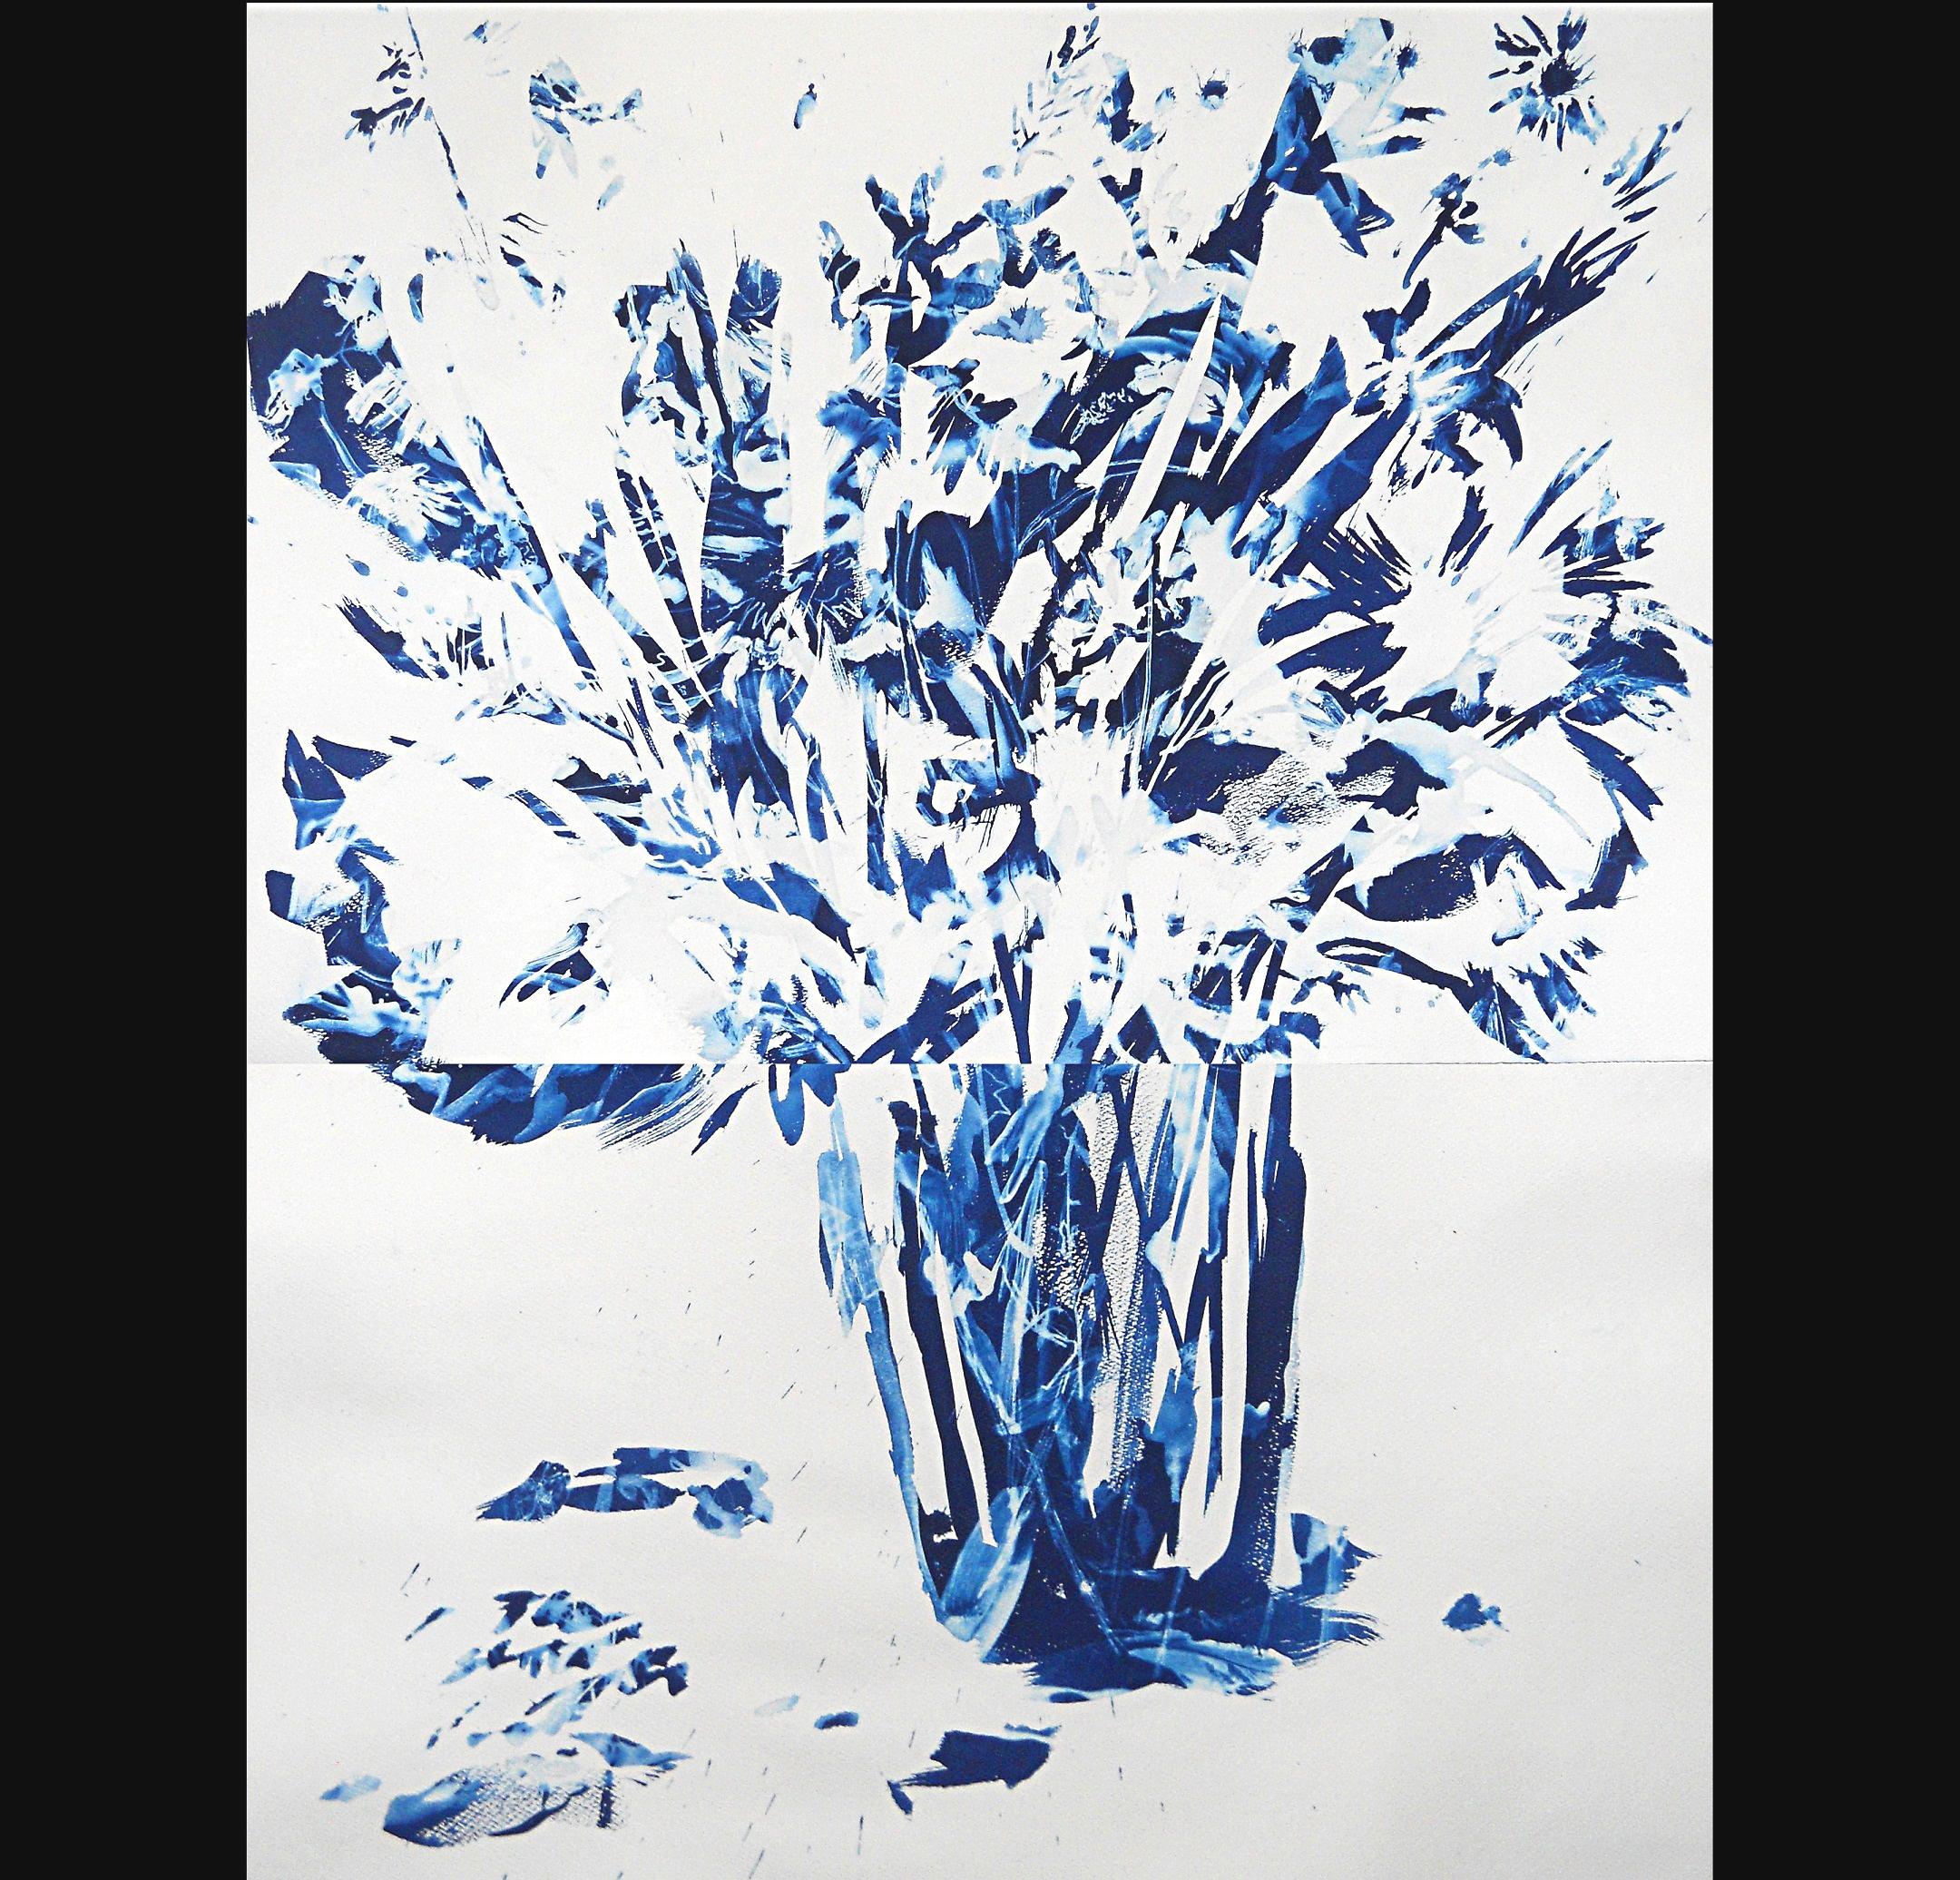 Still Life #4, 2012, cyanotype